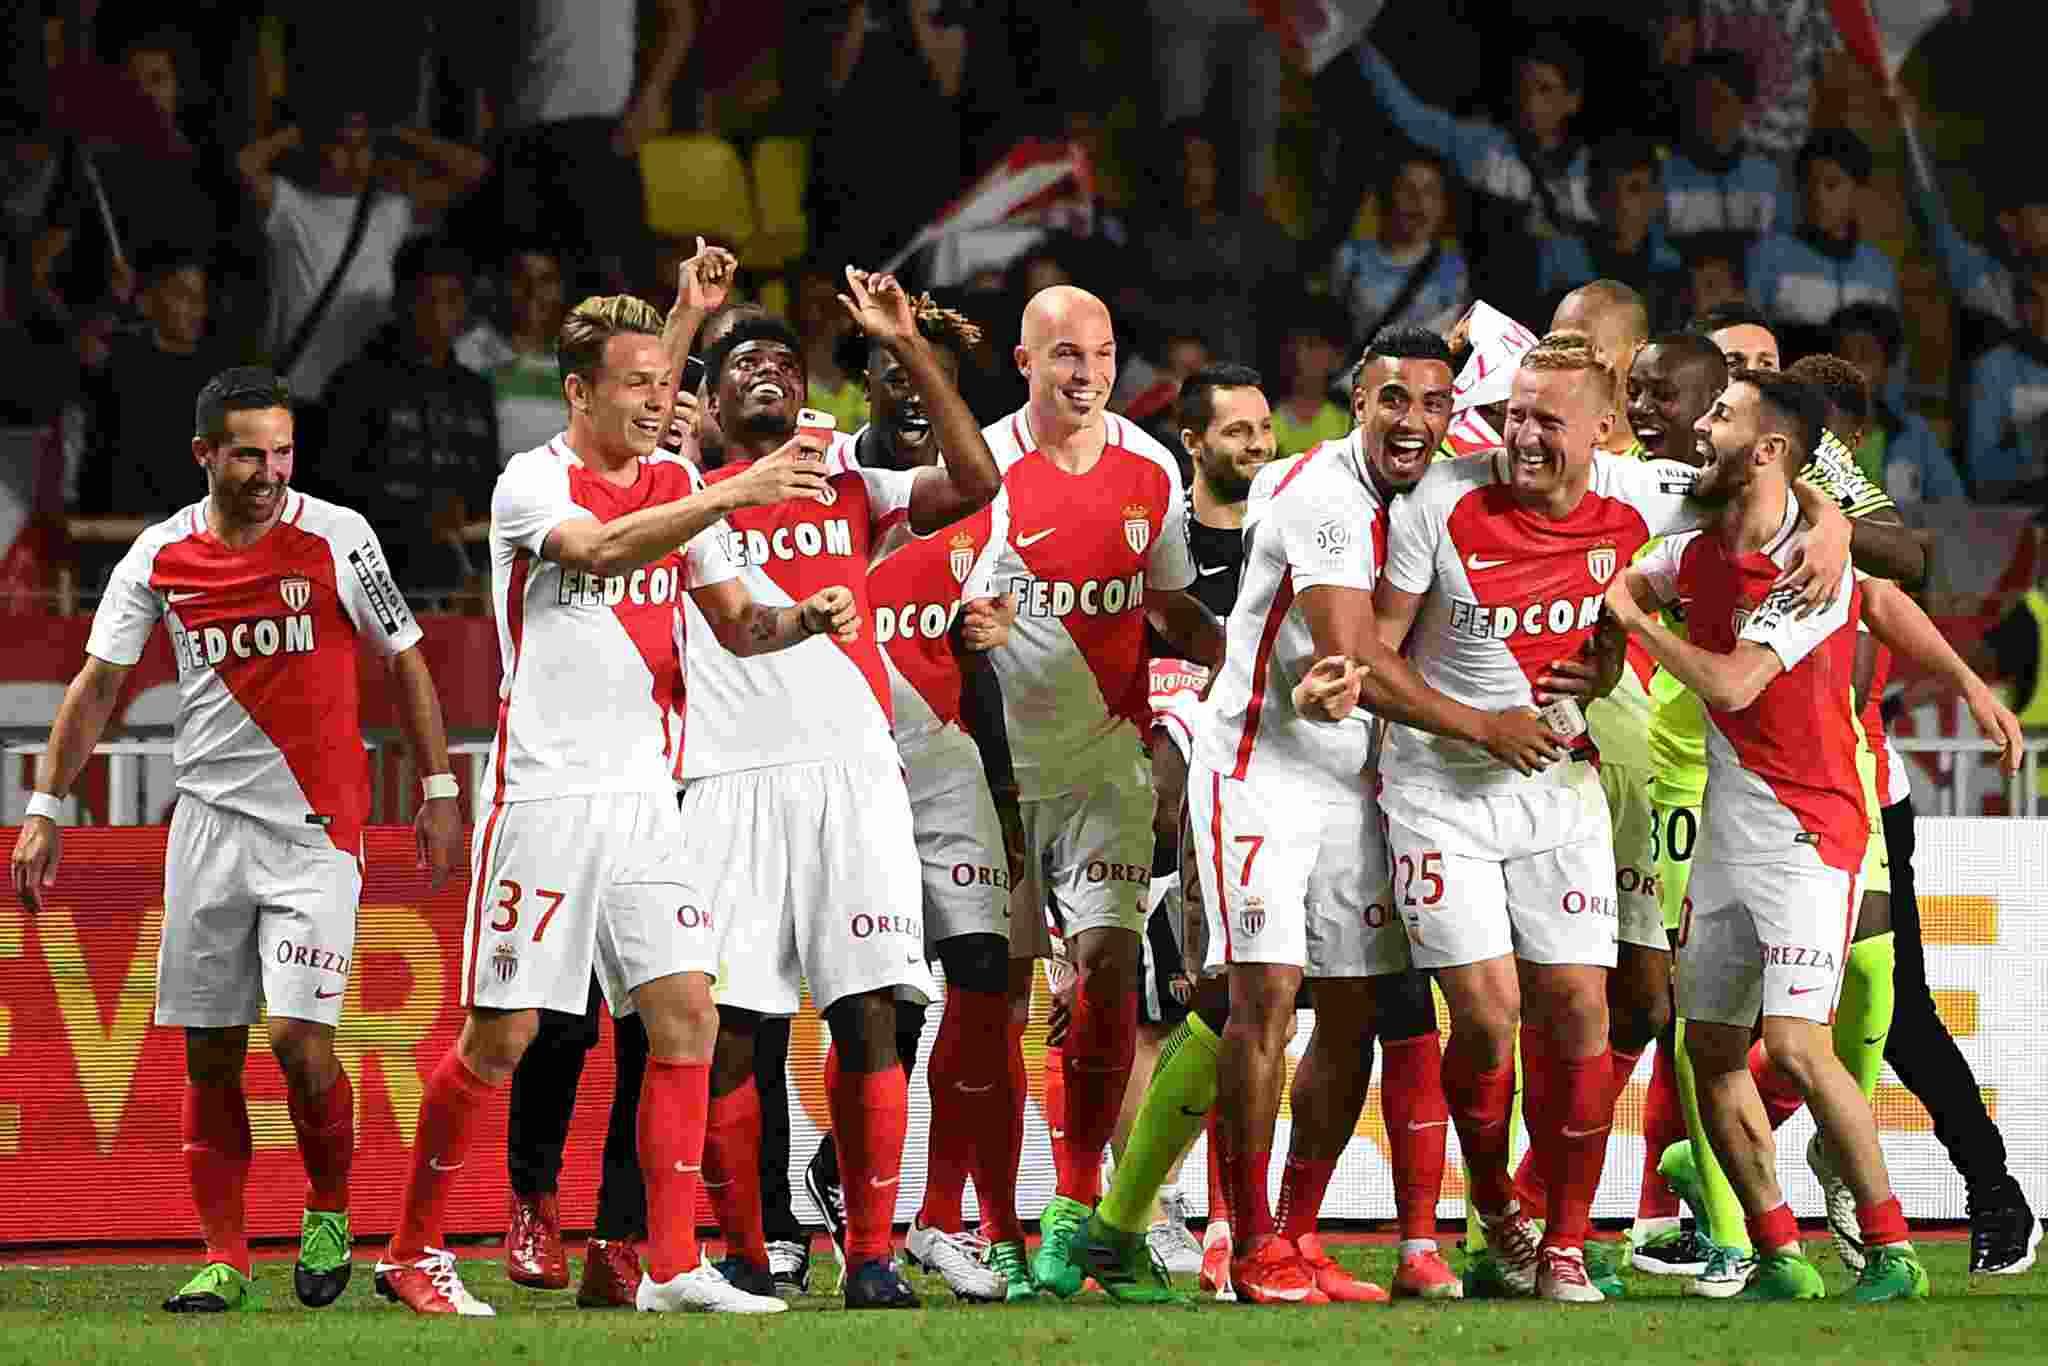 penantian-selama-17-tahun-as-monaco-akhirnya-juara-ligue-1